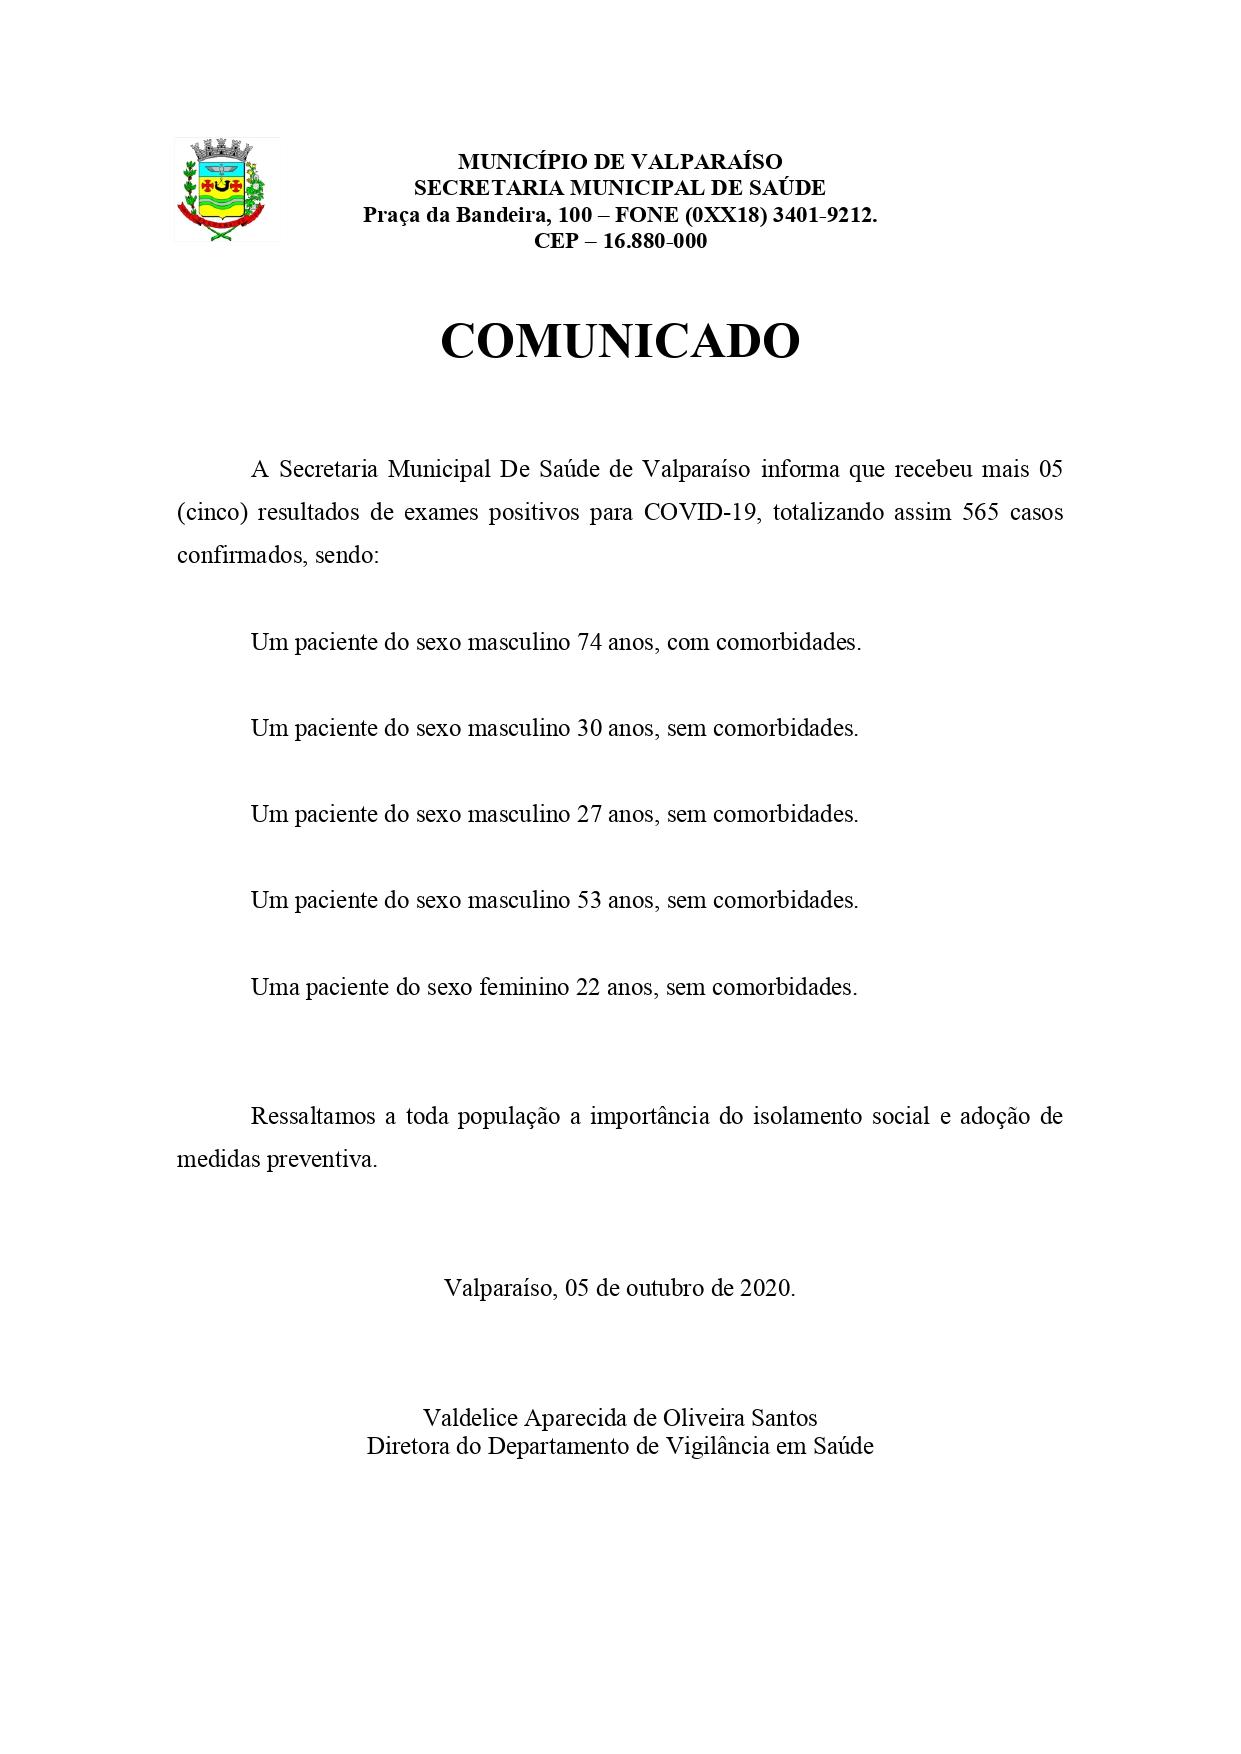 covid565